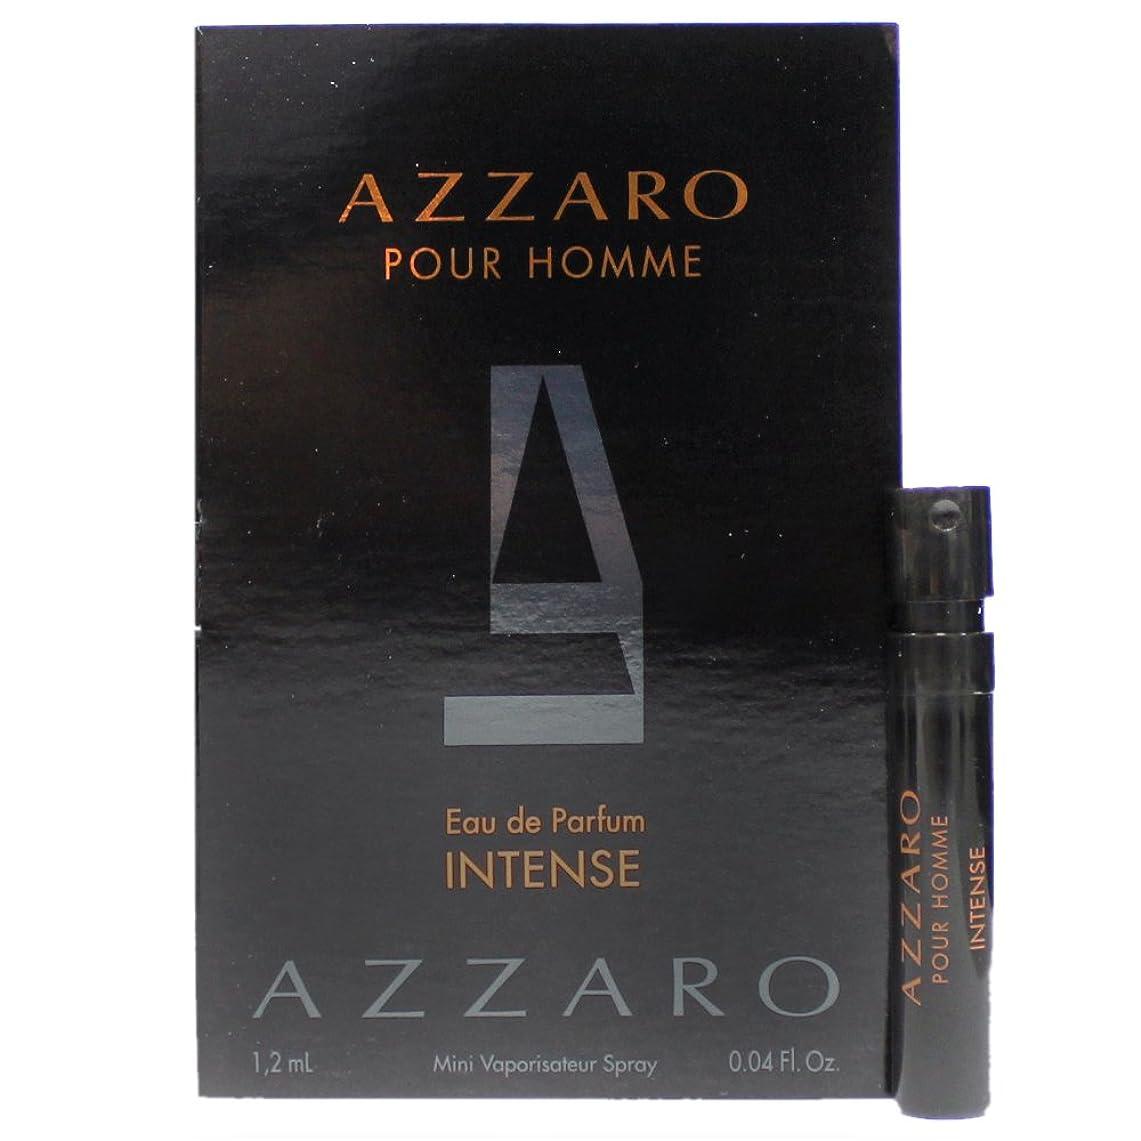 スローランプアザロ プールオム オードパルファム インテンス (2015) 1.2ml AZZARO POUR HOMME EDP INTENSE [並行輸入品]